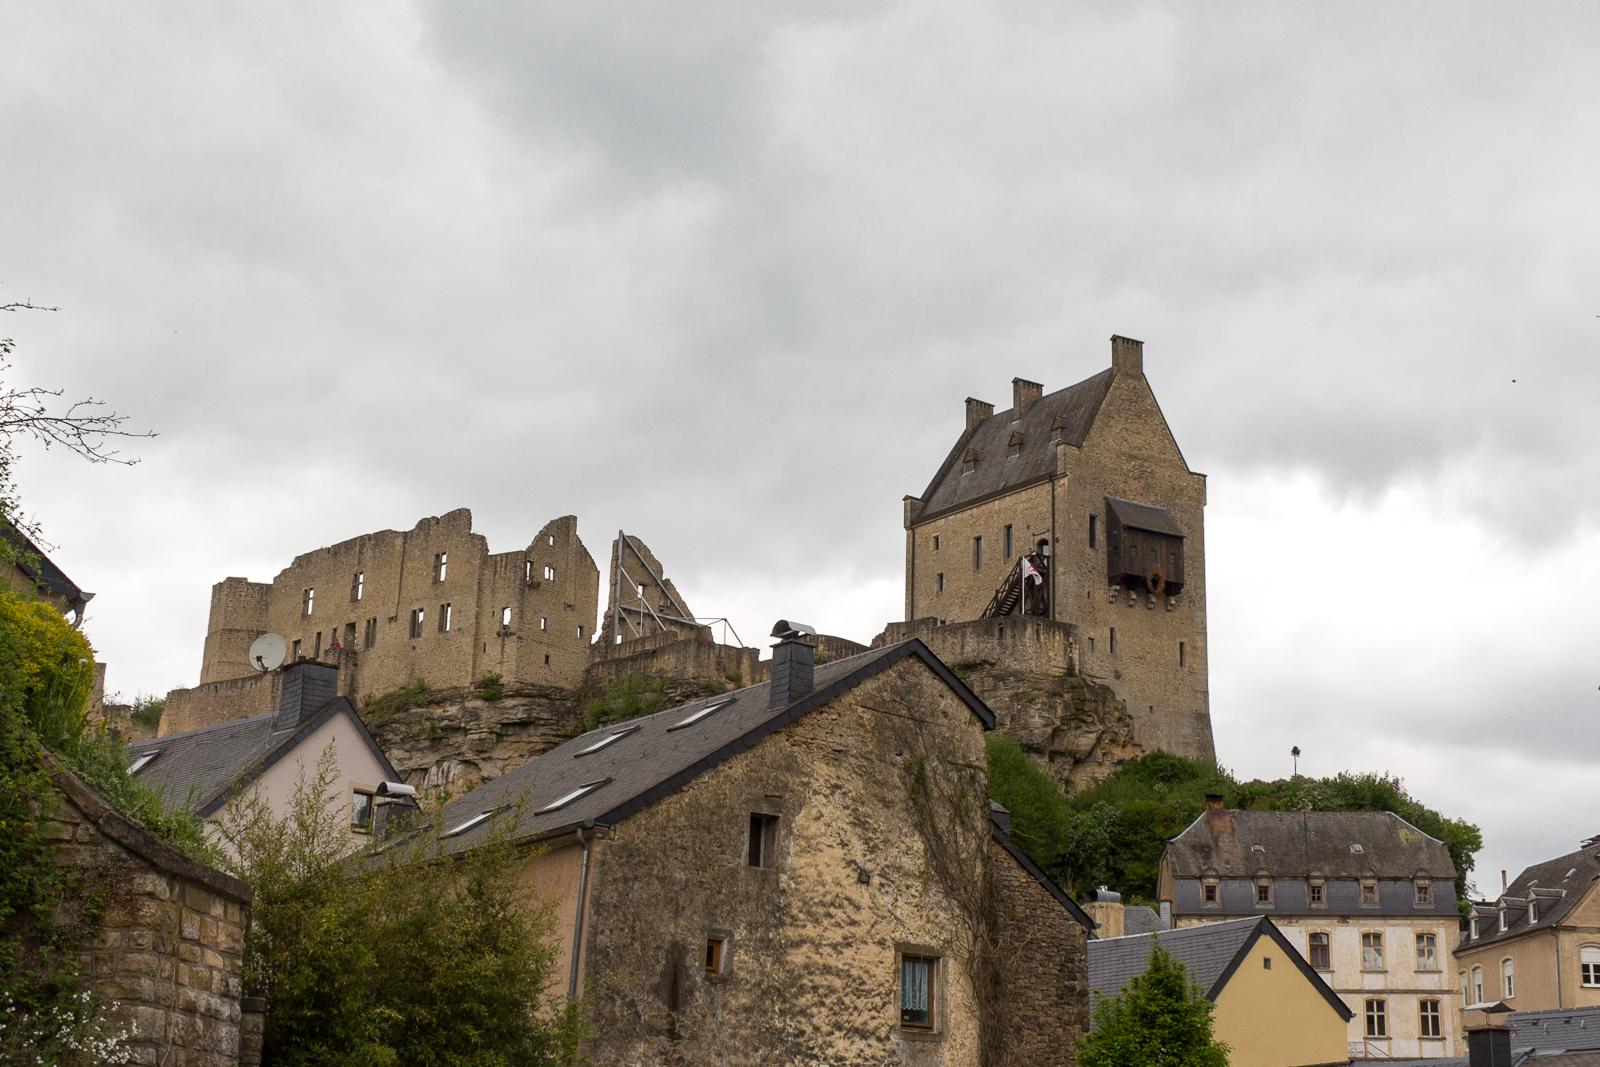 Luxemburg, Luxembourg, Roadtrip, Cabriotour, Burgruine, Larochette Fiels